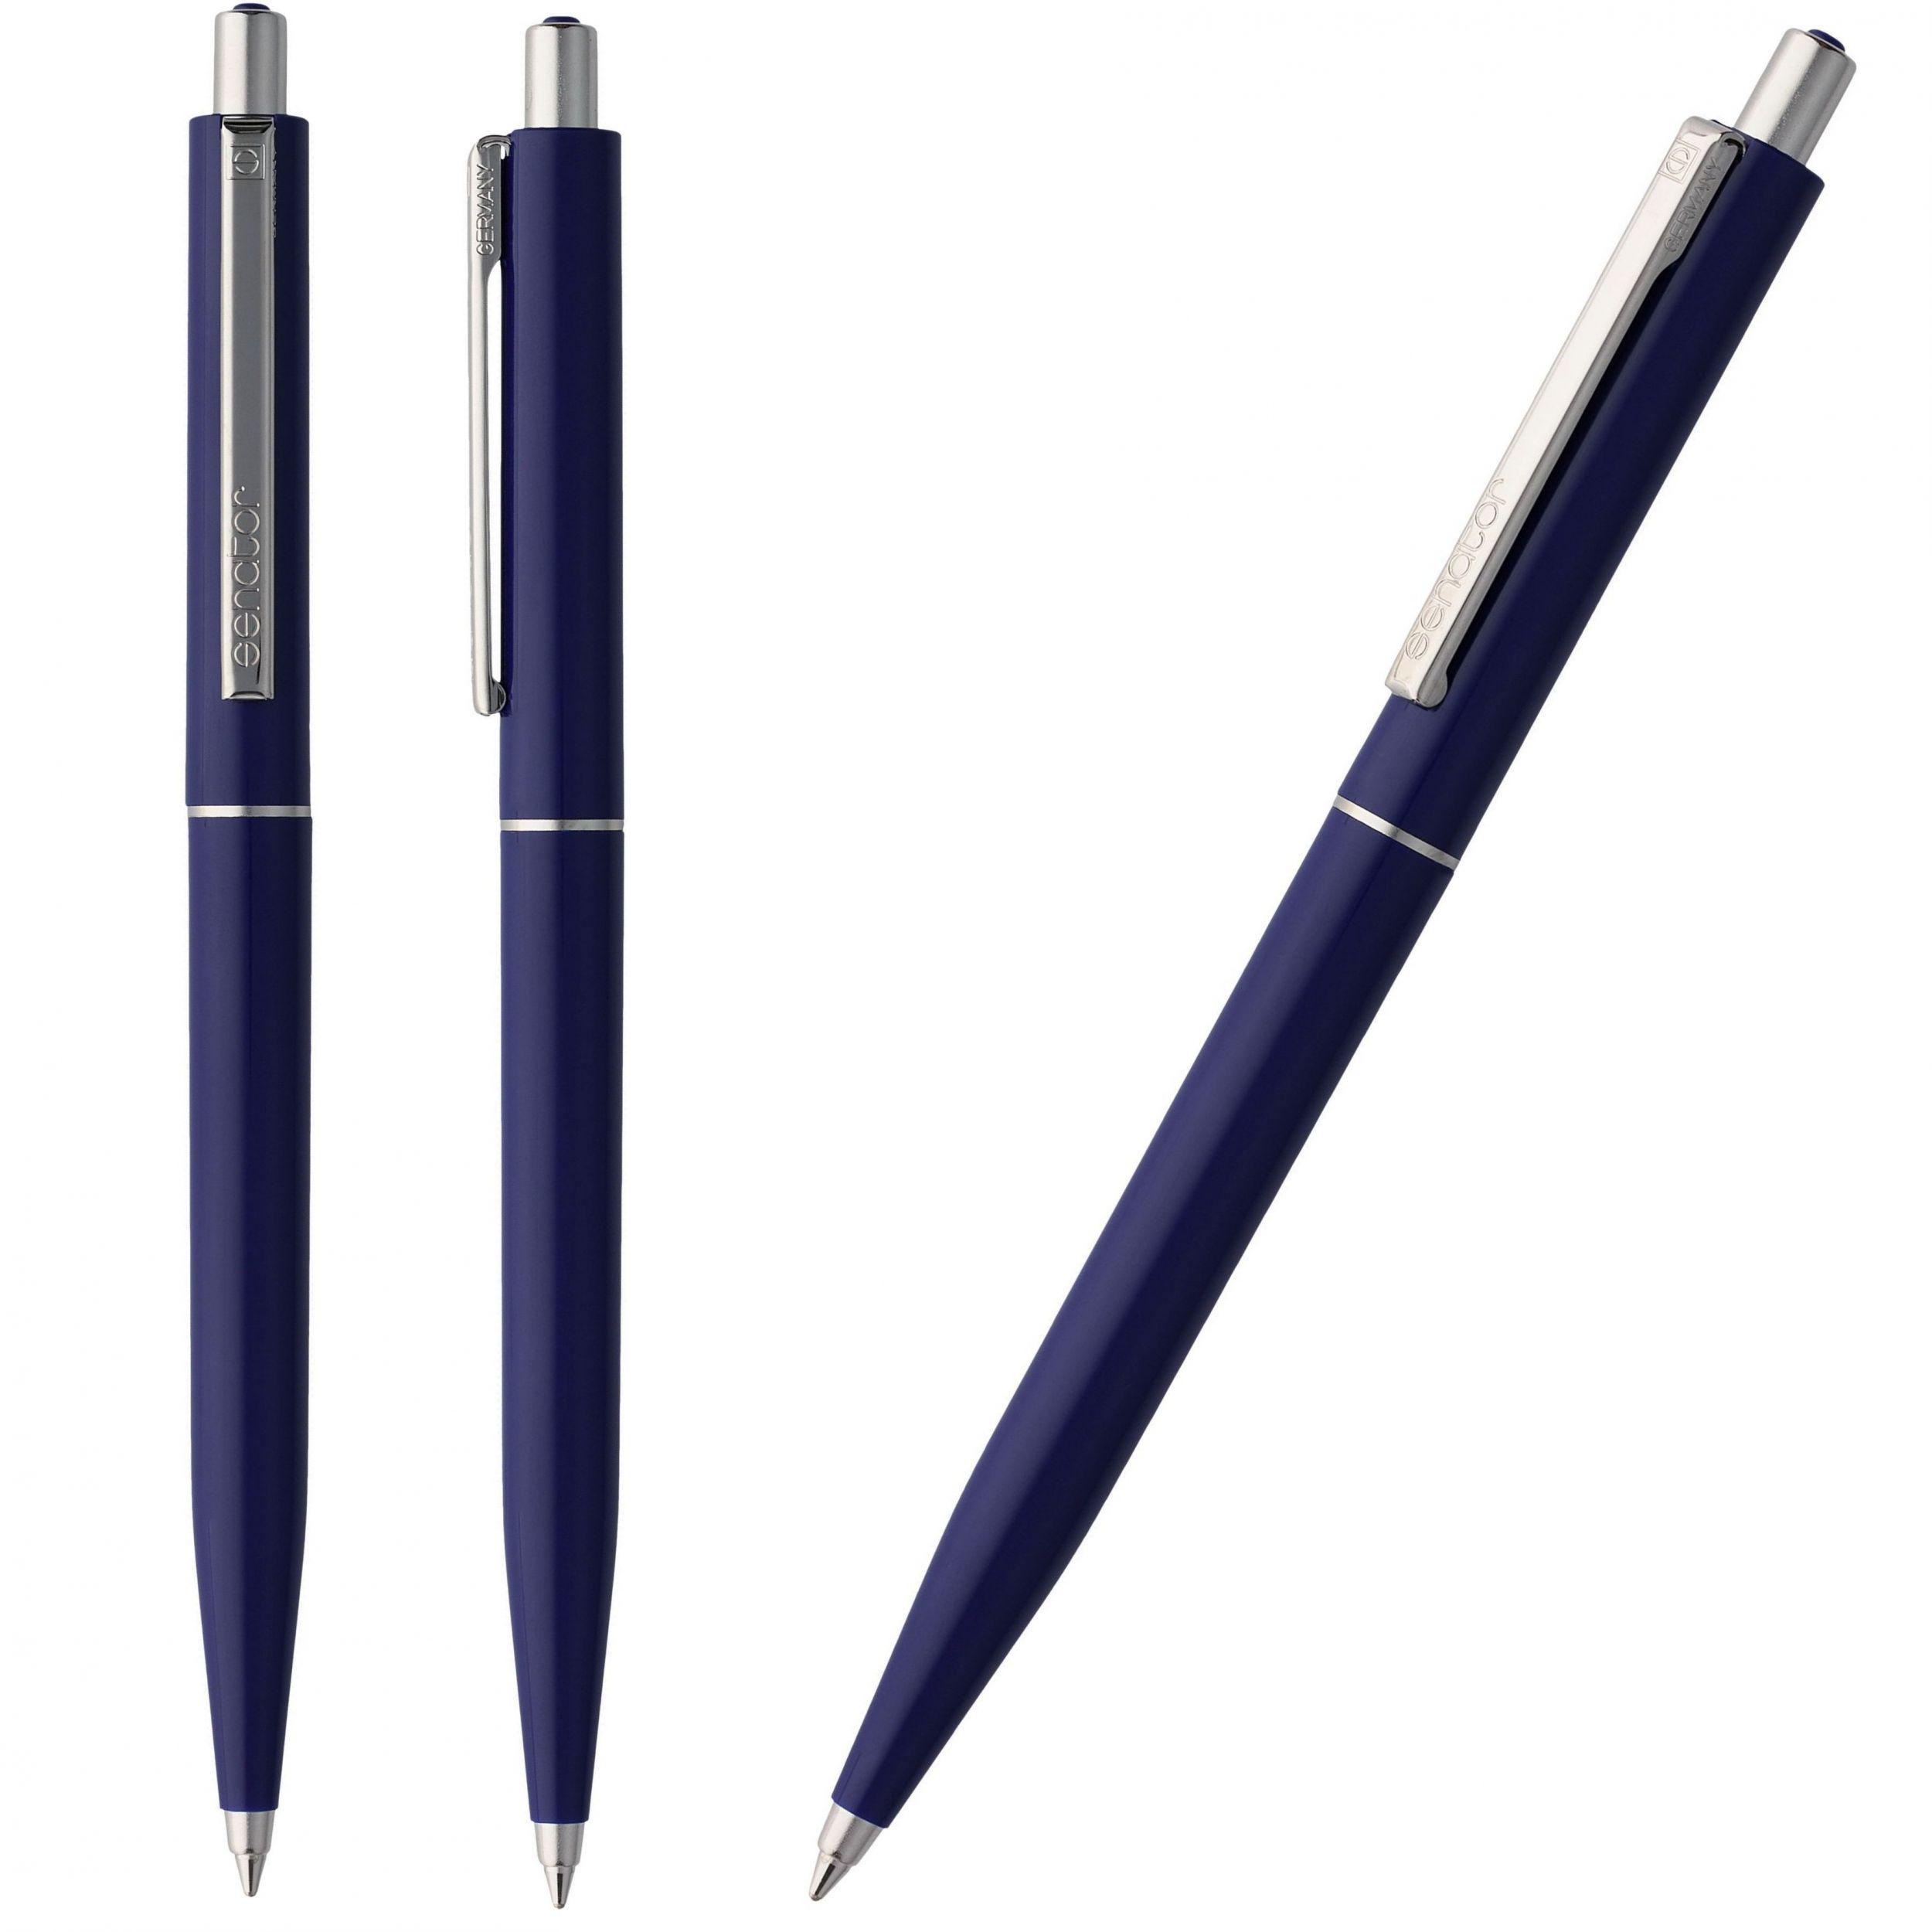 ручки под брендирование в Самаре